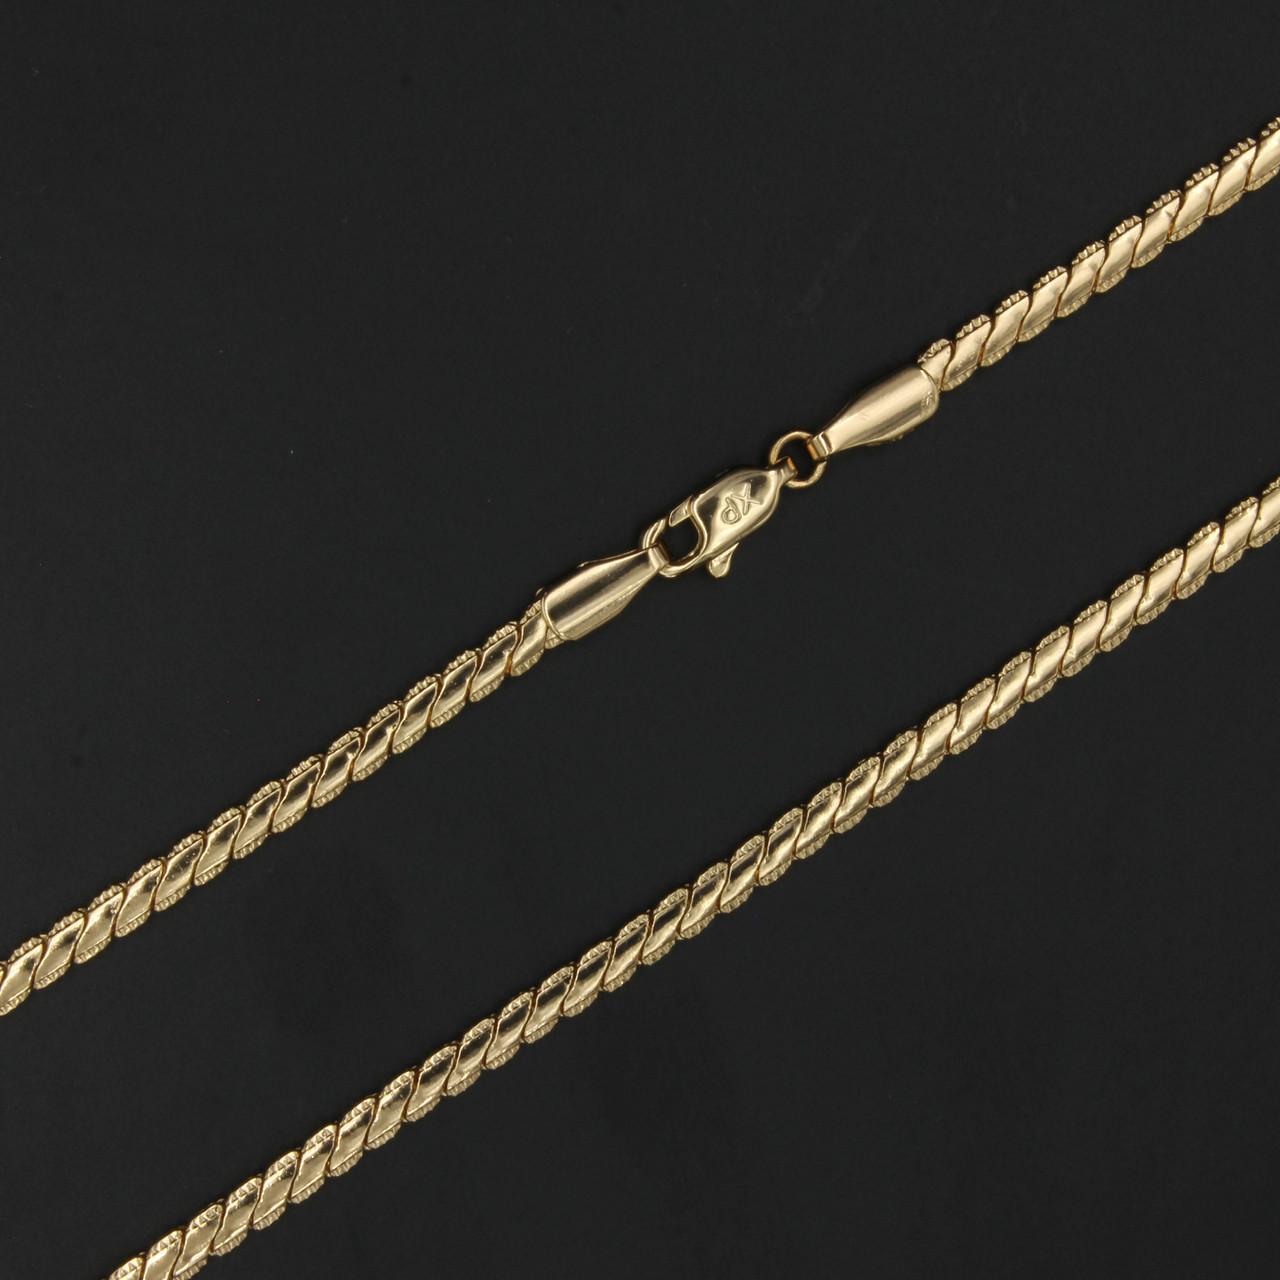 Ланцюг Шнурок, плетіння шнурок, 50см